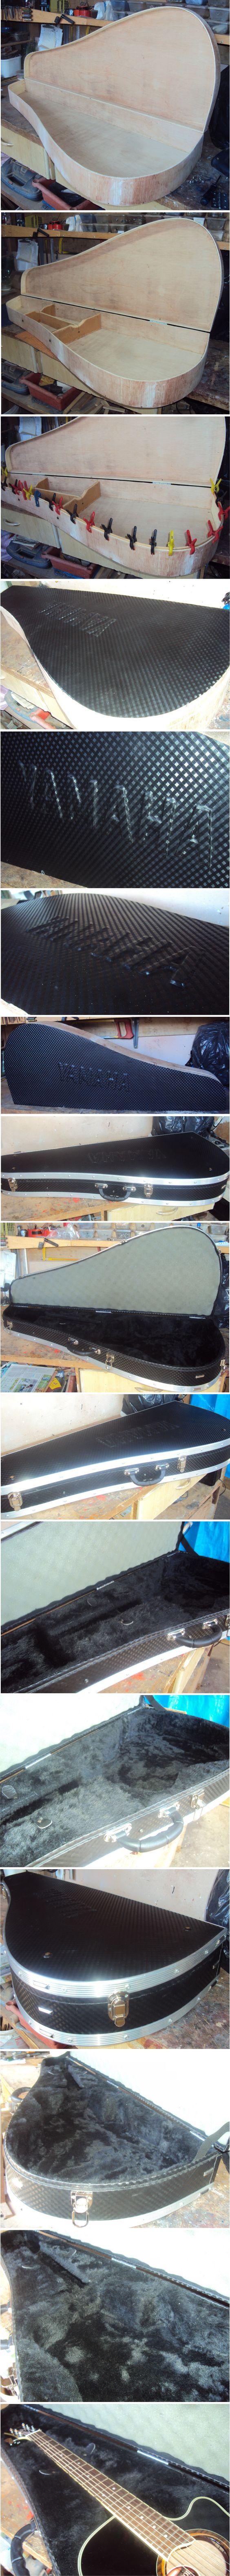 Passo a passo da fabricação de case por encomenda sob medida para violão Yamaha.